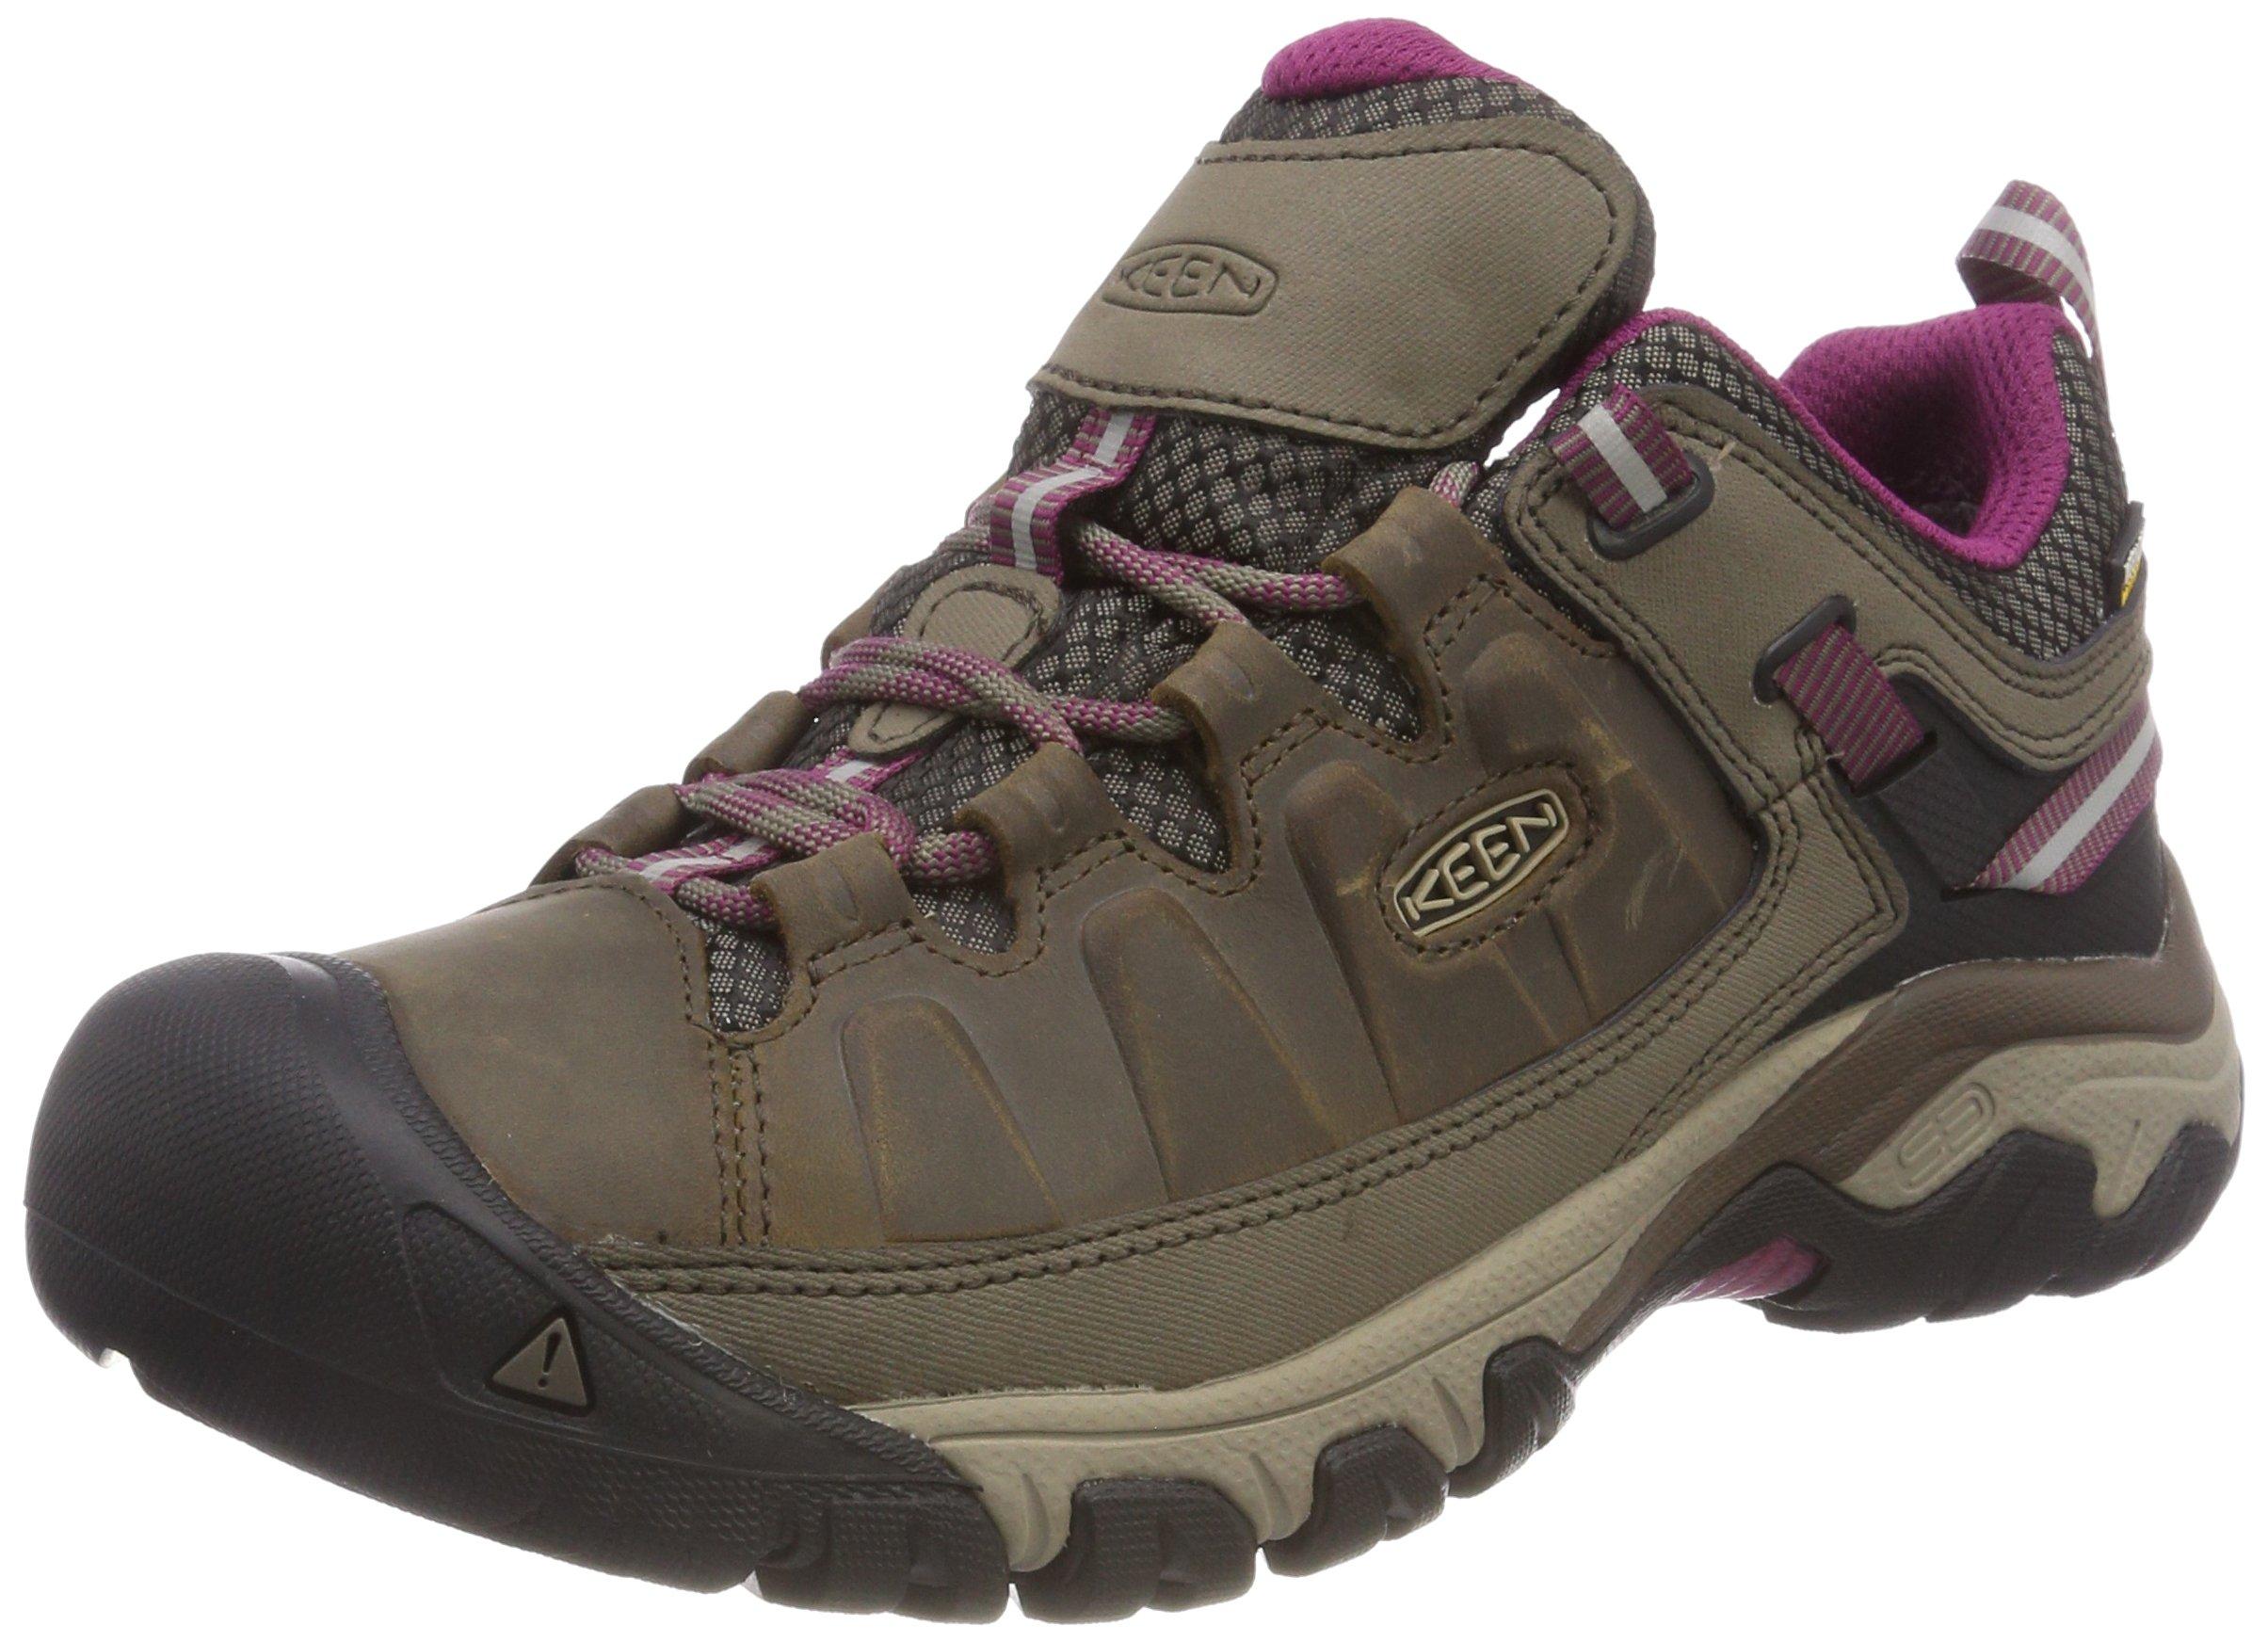 KEEN Women's Targhee Iii Wp Low Rise Hiking Shoes 1